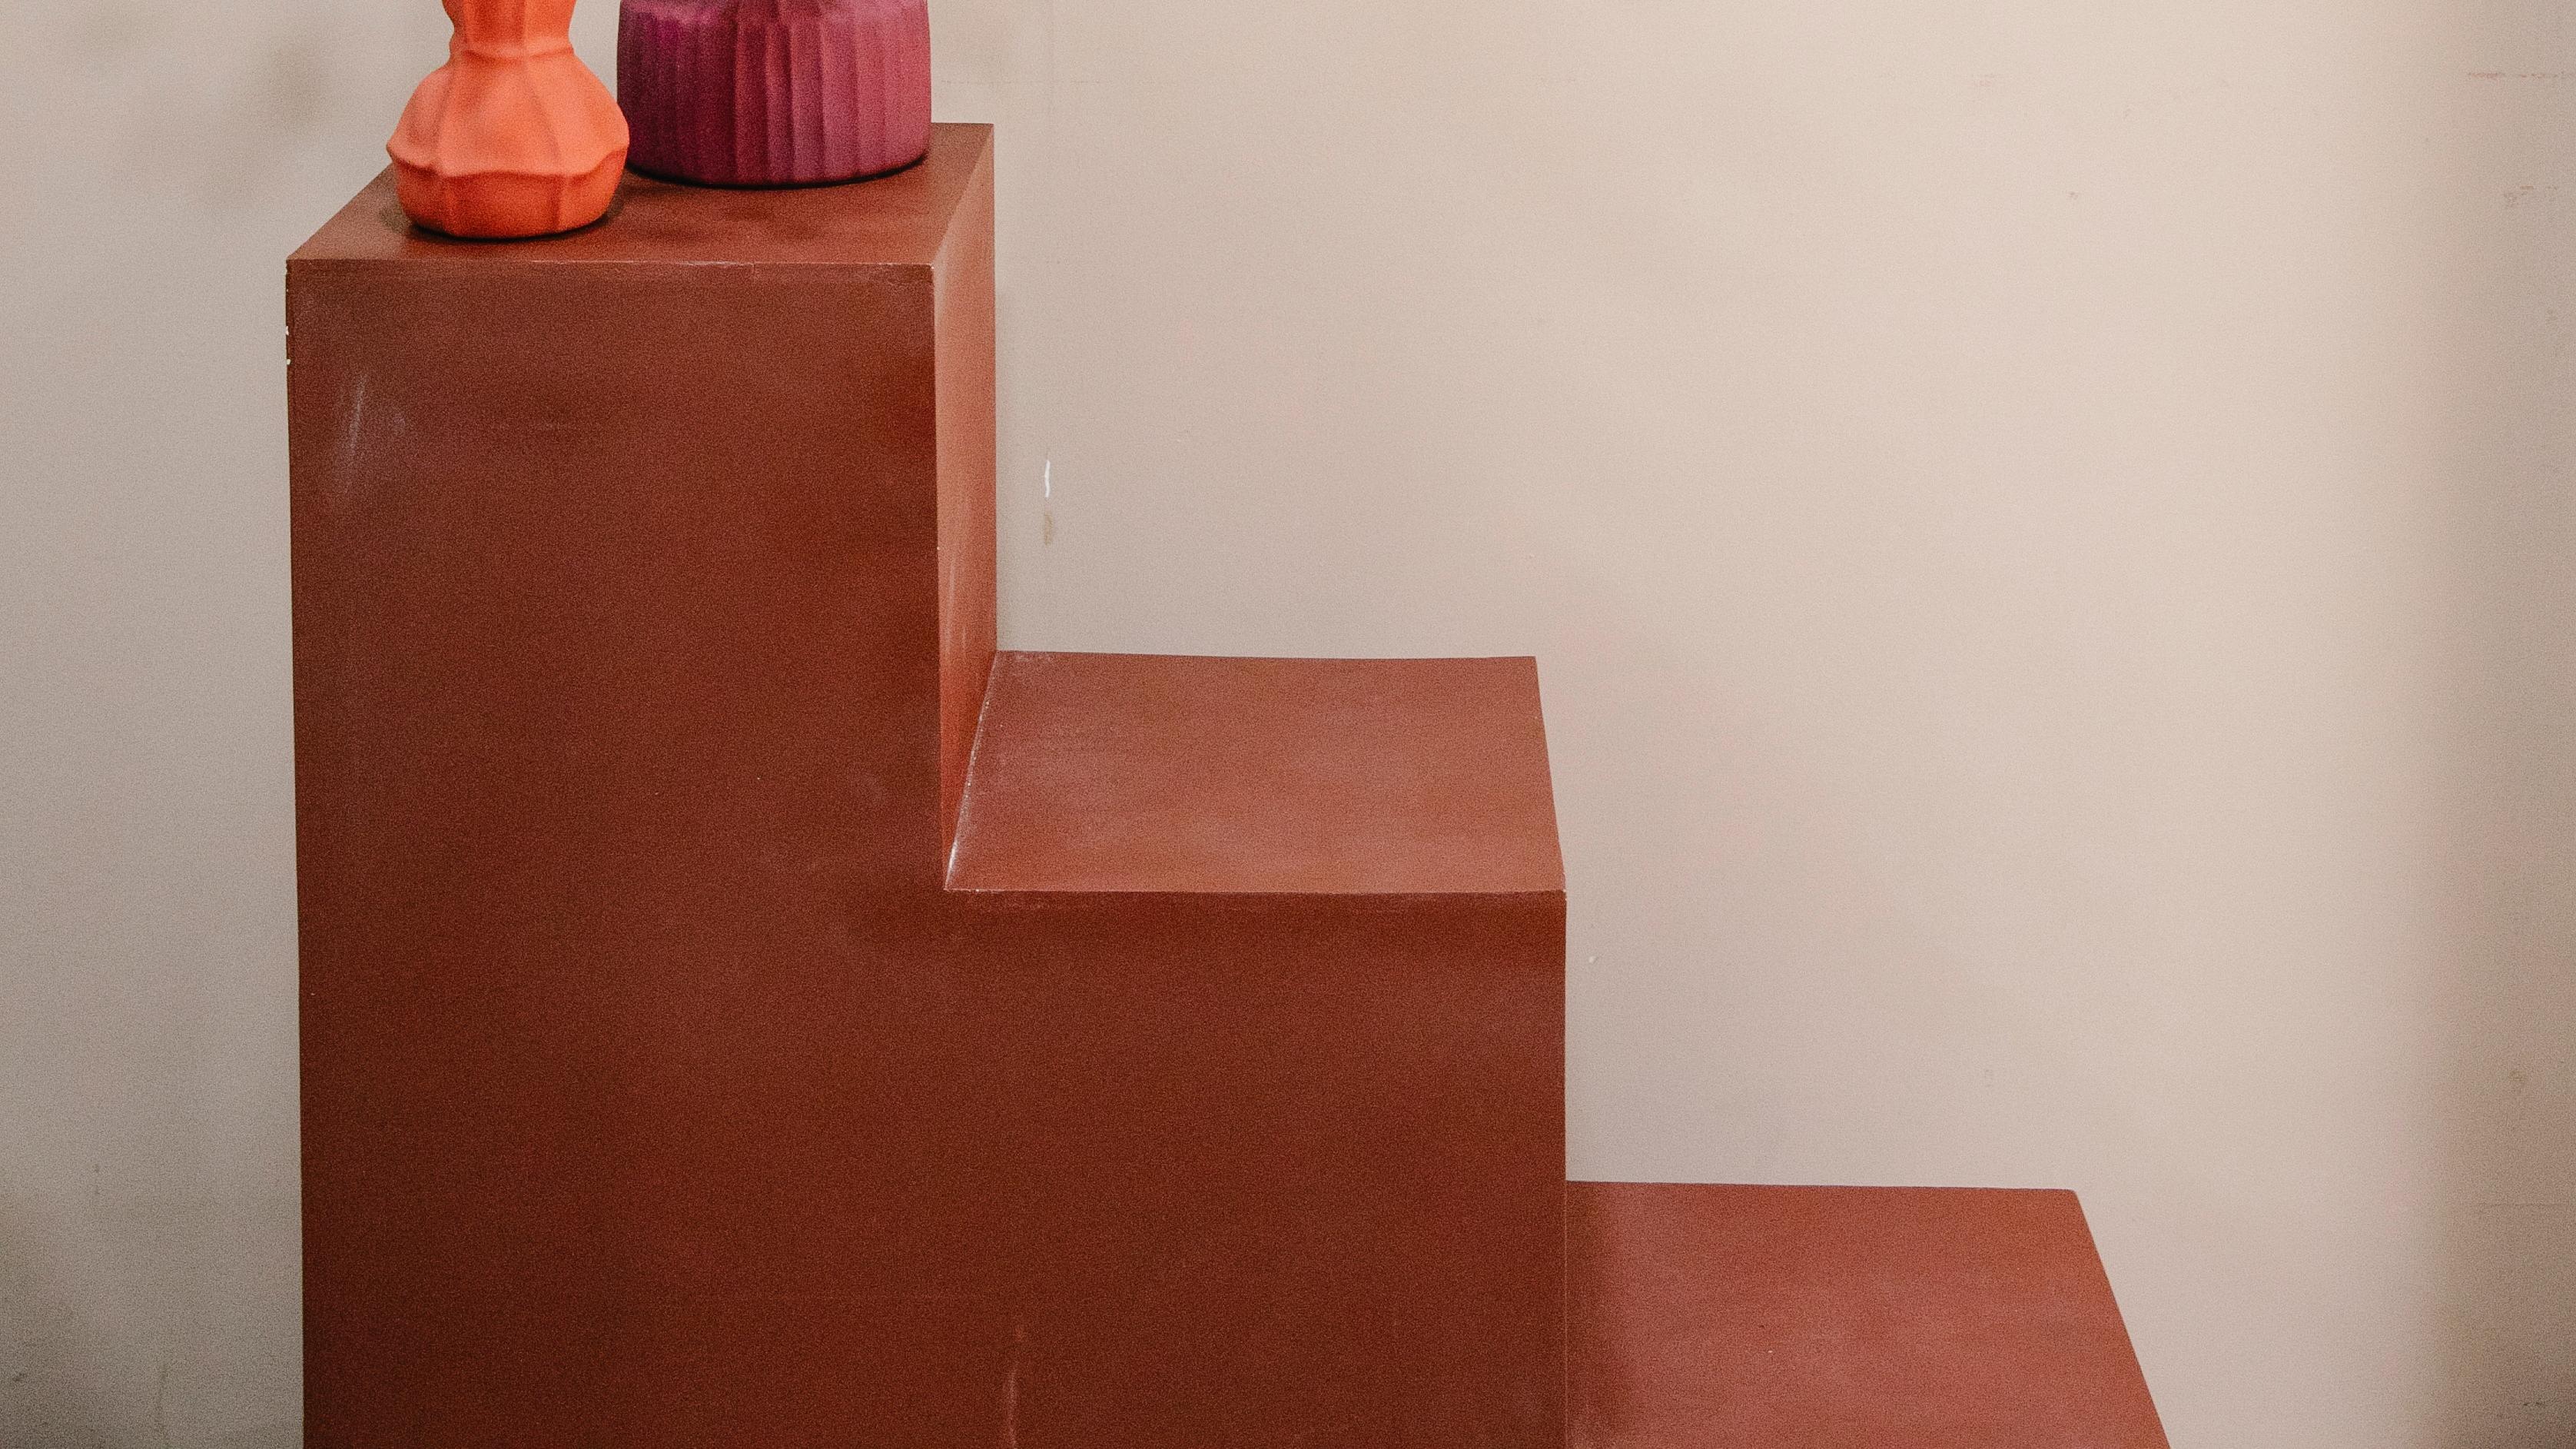 Ein Stufenregal ist eine sehr gute Lösung, um den Stauraum in einer Dachschräge sinnvoll zu nutzen.